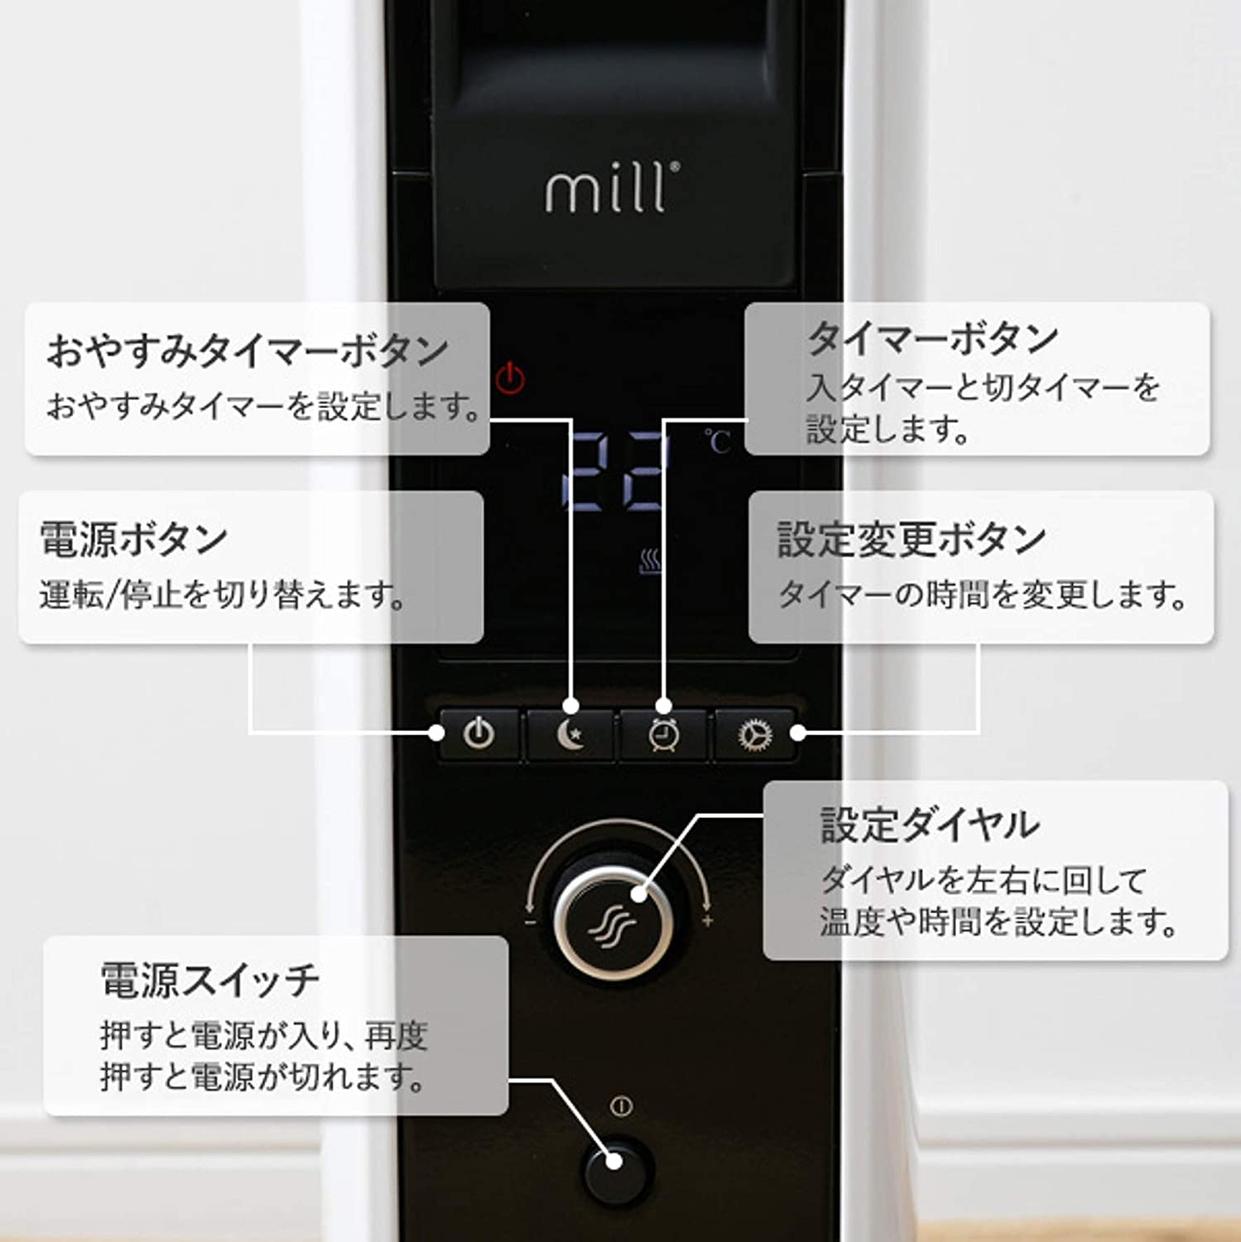 山善(YAMAZEN) Mill オイルヒーター YAB-H1200TIMの商品画像5